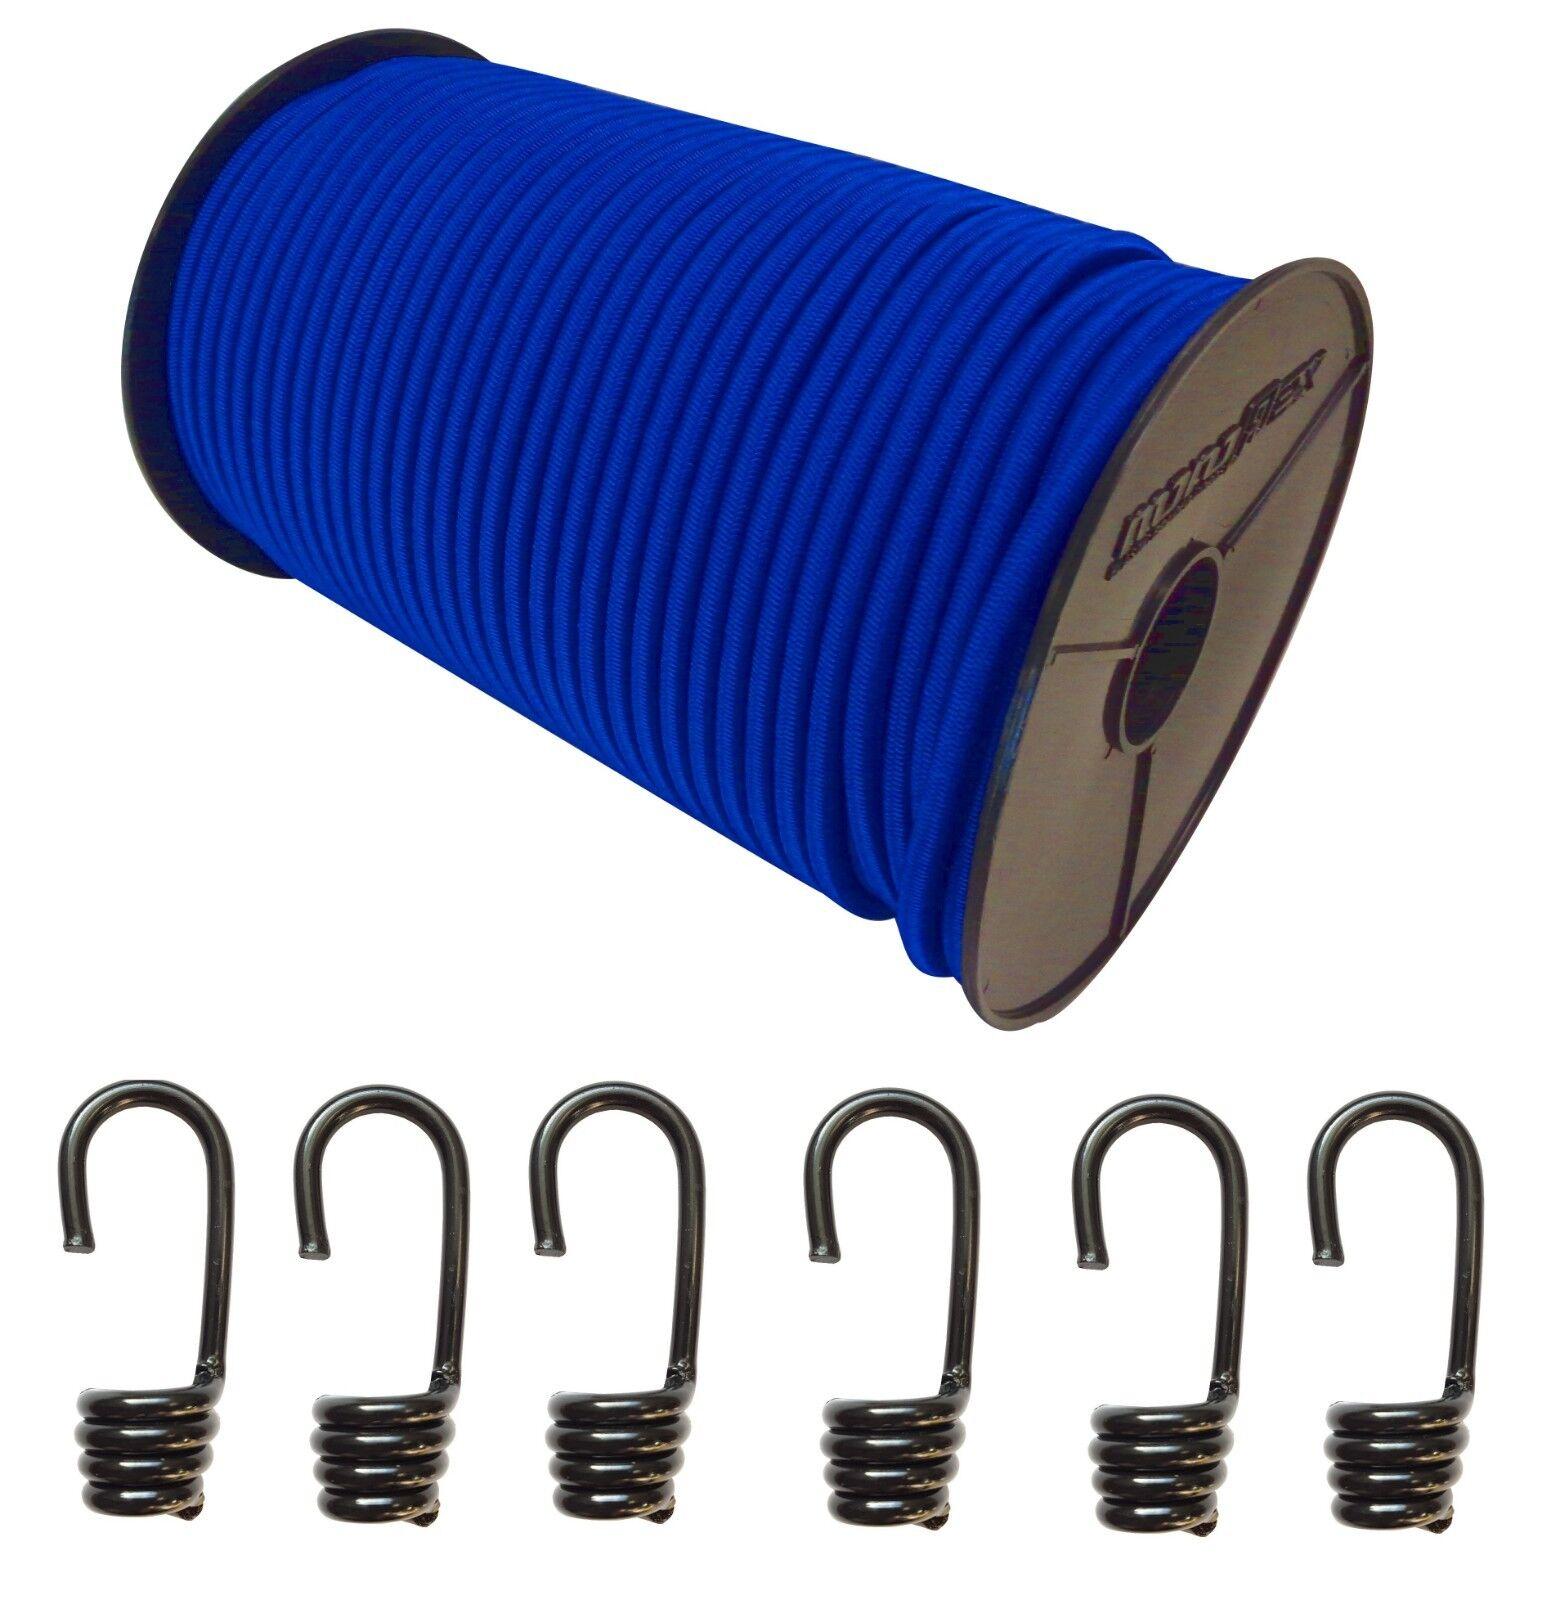 Expanderseil Gummiseil Gummiseil Gummiseil Gummileine Planenseil Seil Plane in Blau + Spiralhaken 54d0d9